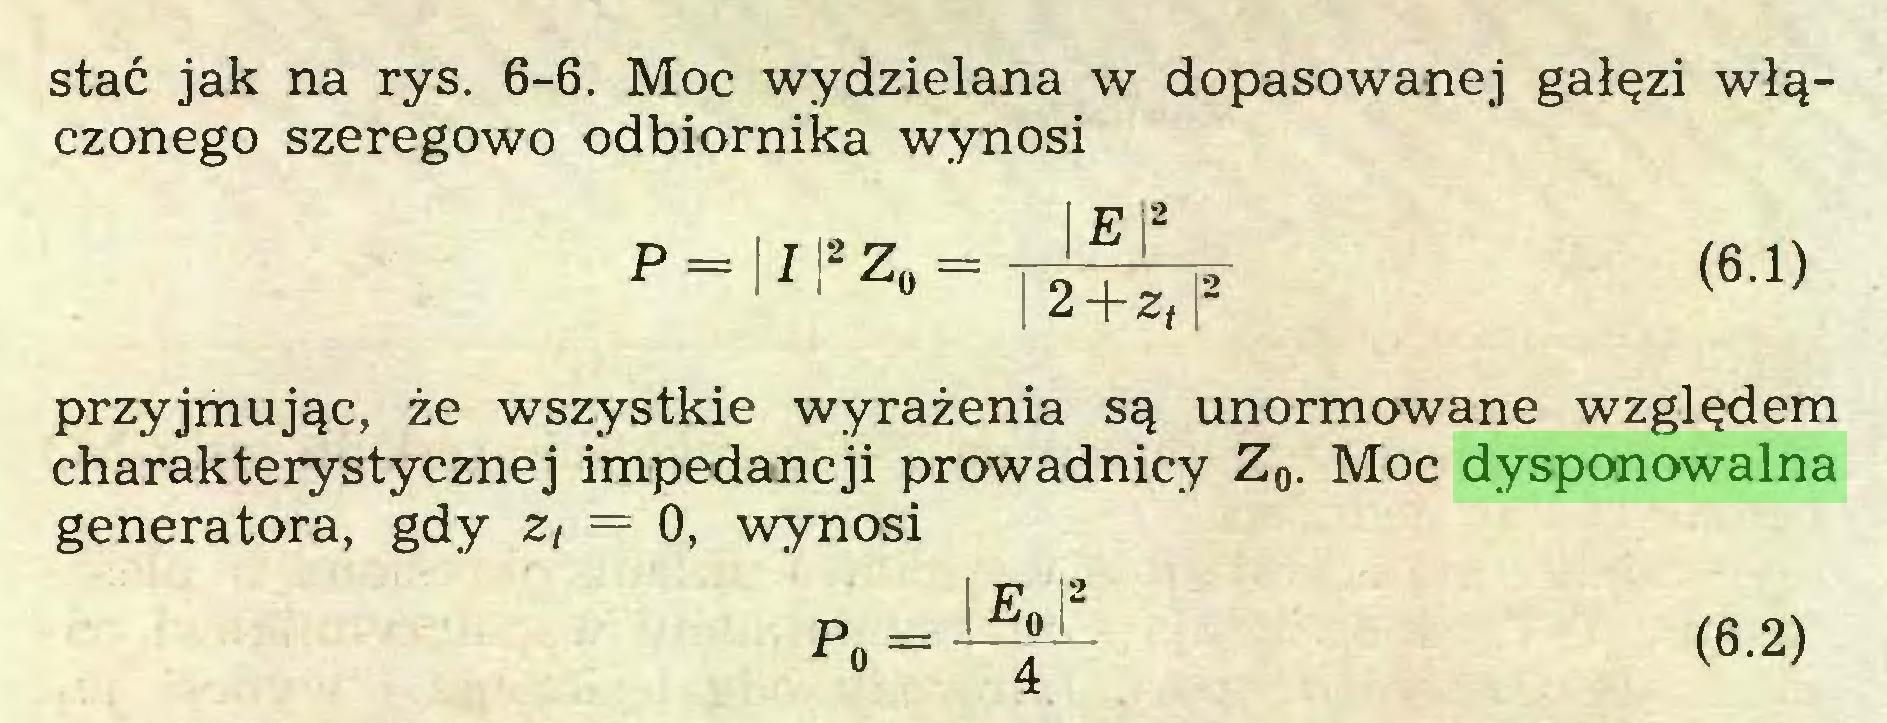 """(...) stać jak na rys. 6-6. Moc wydzielana w dopasowanej gałęzi włączonego szeregowo odbiornika wynosi P= !7i2Z"""" = E 2 + zt (6.1) przyjmując, że wszystkie wyrażenia są unormowane względem charakterystycznej impedancji prowadnicy Z0. Moc dysponowalna generatora, gdy z, = 0, wynosi P"""" = E""""l2 (6.2)..."""